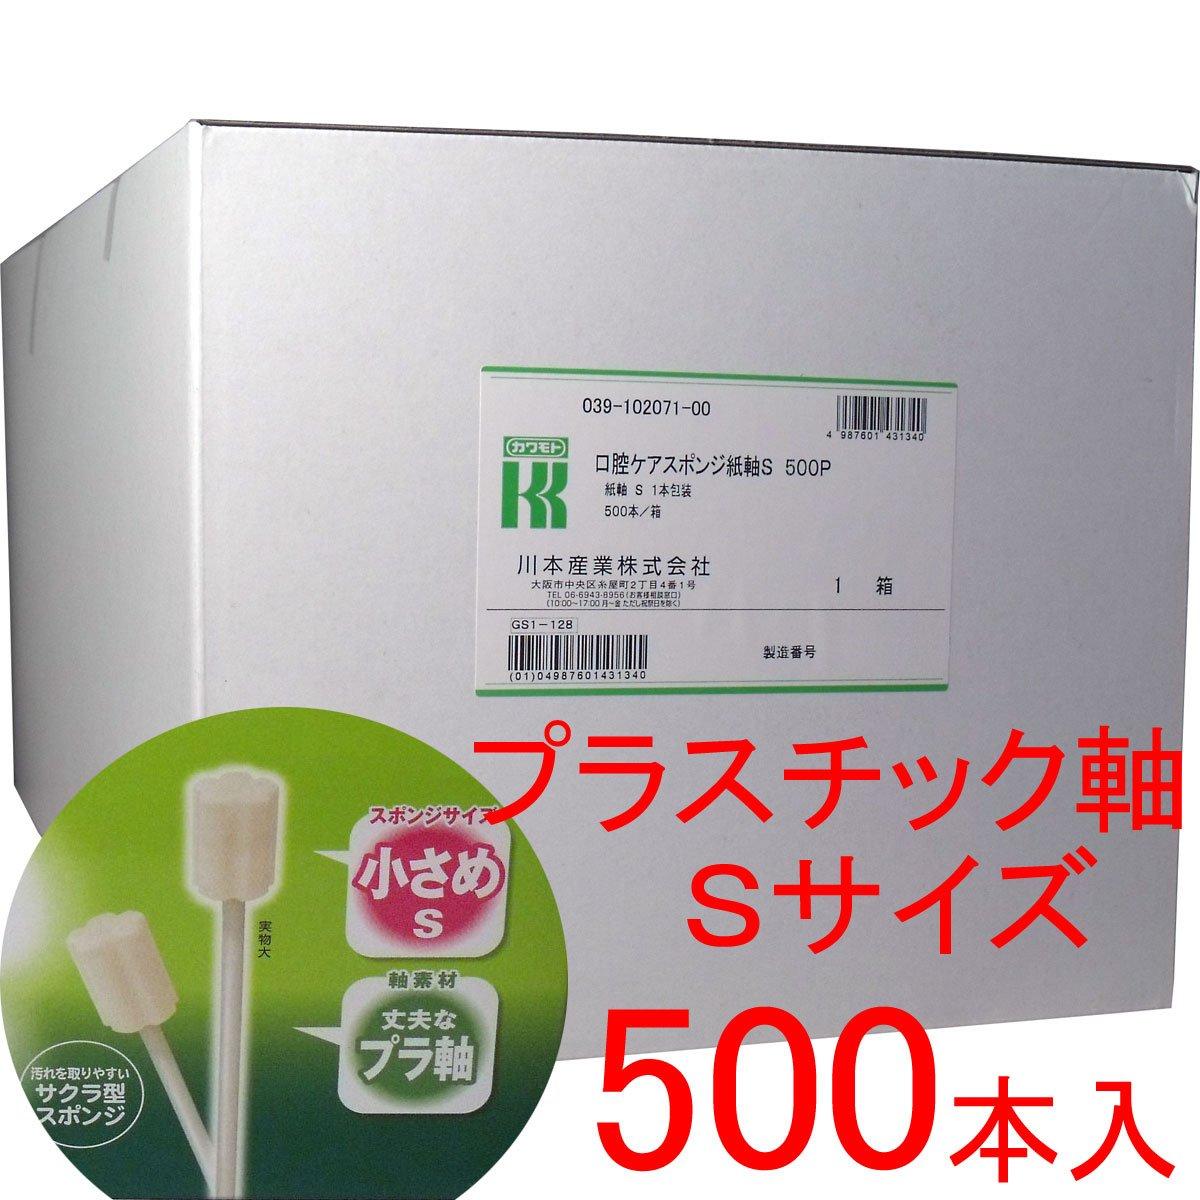 業務用マウスピュア 口腔ケアスポンジ プラスチック軸 Sサイズ 500本入 (商品内訳:単品1個) B0094FYNAU